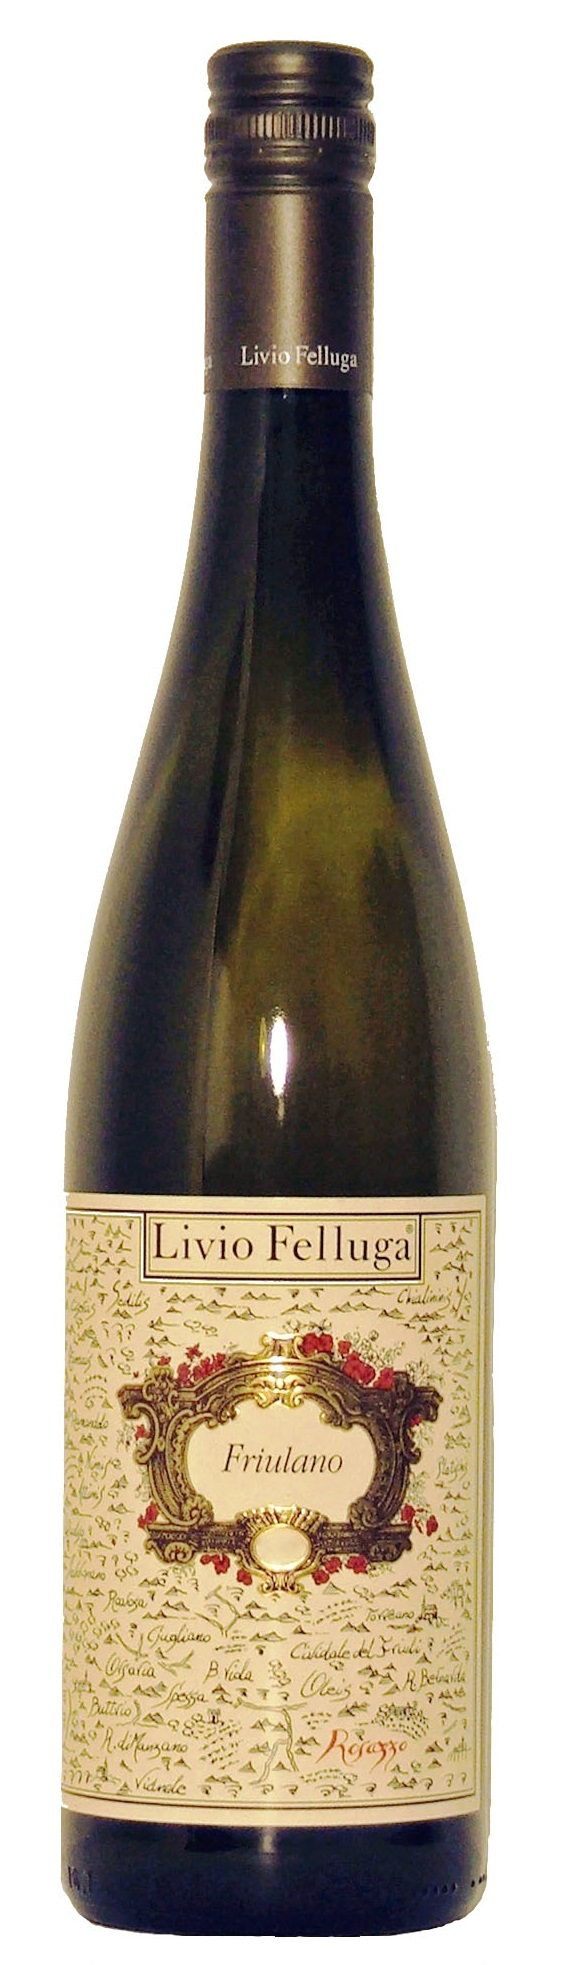 Livio Felluga, Friulano 2015